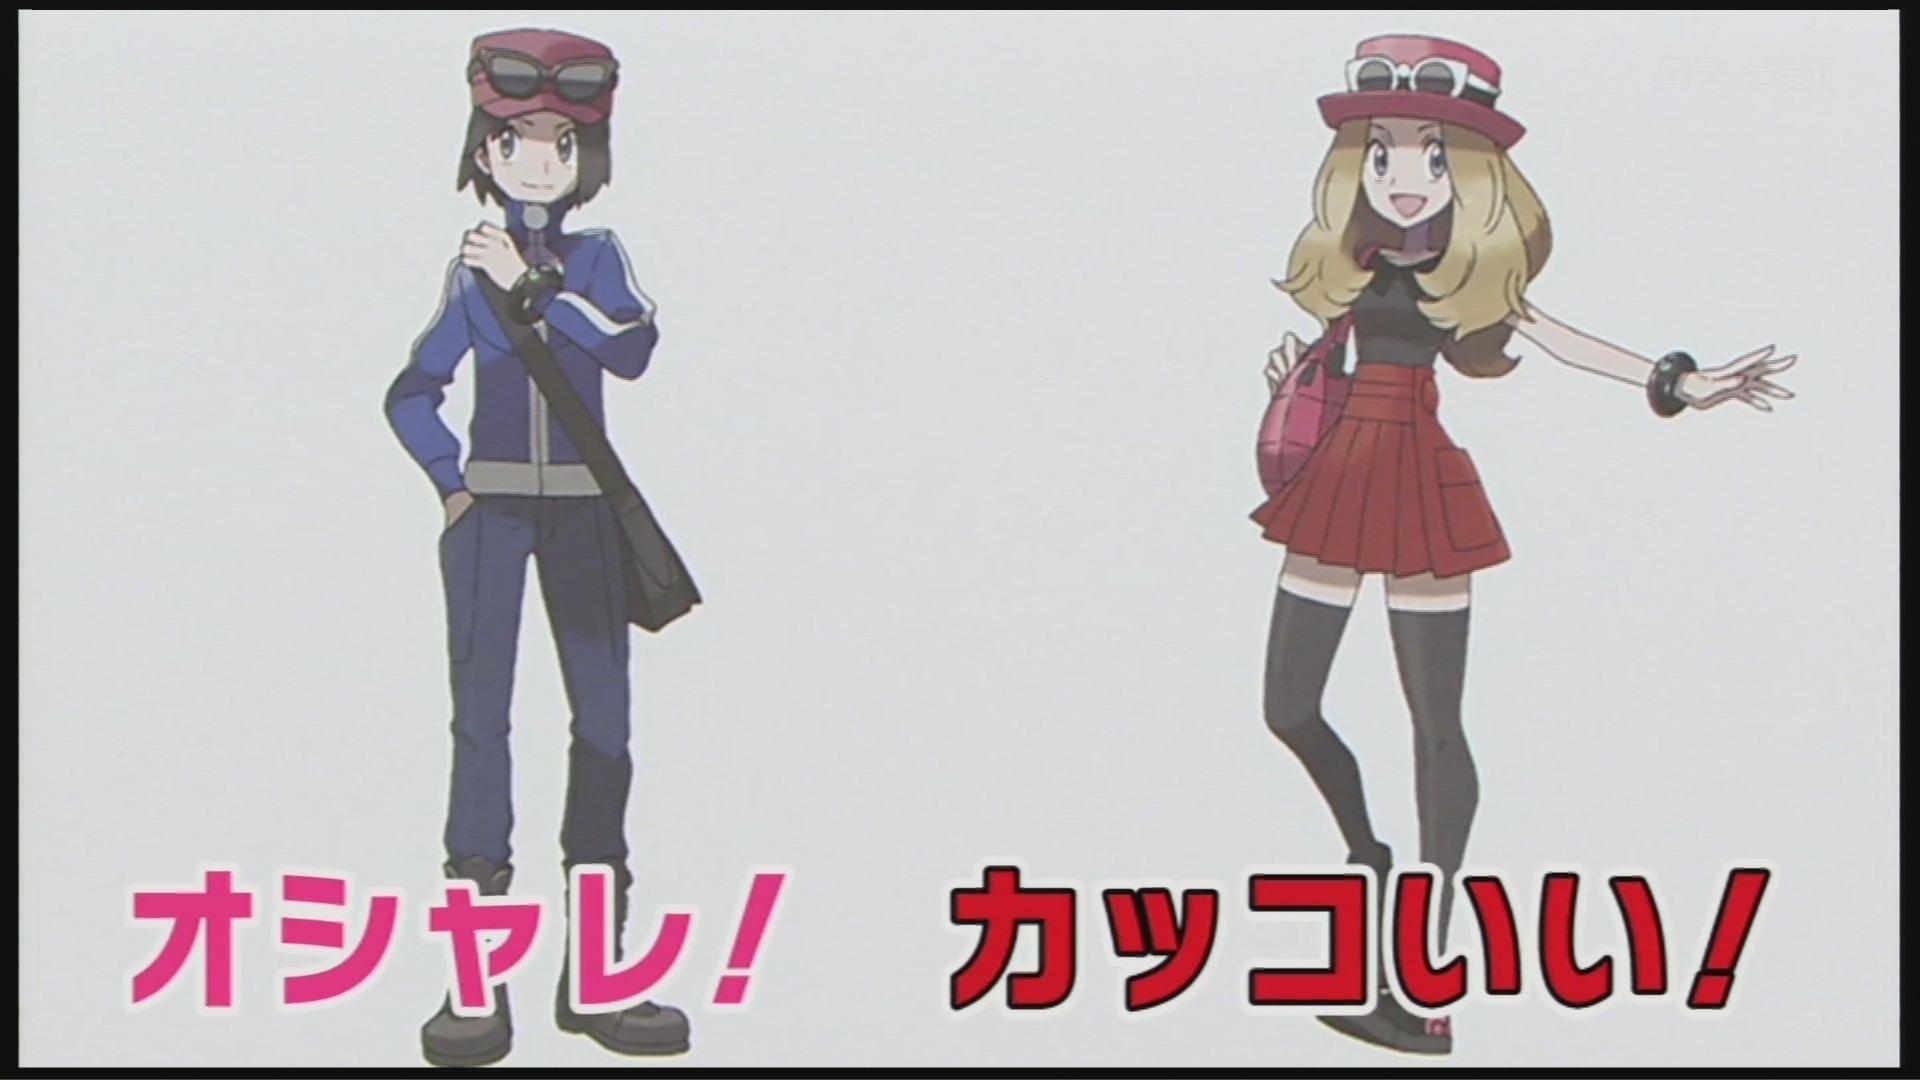 ポケスマで放送された ポケモン最新作「ポケモンx・y」の 新情報